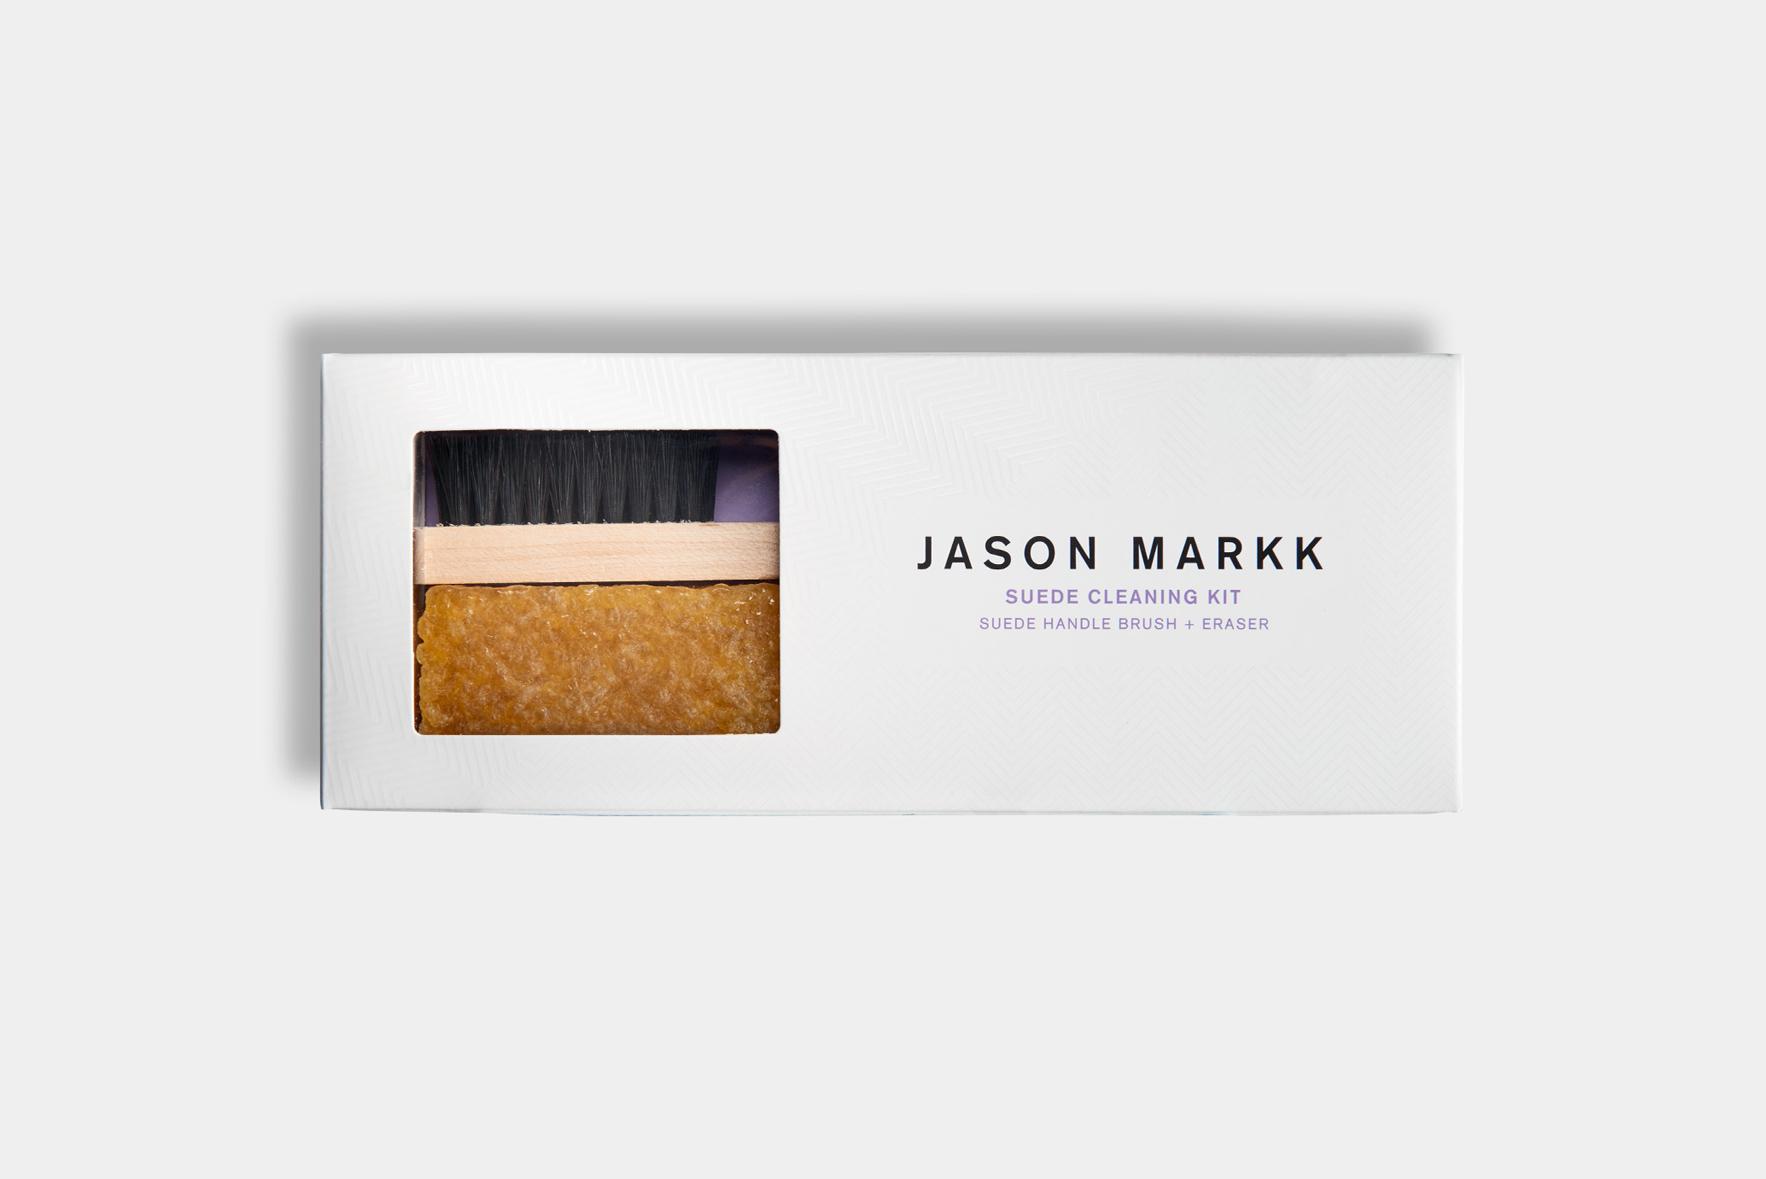 jason markk sort un kit de nettoyage pour suede wave. Black Bedroom Furniture Sets. Home Design Ideas